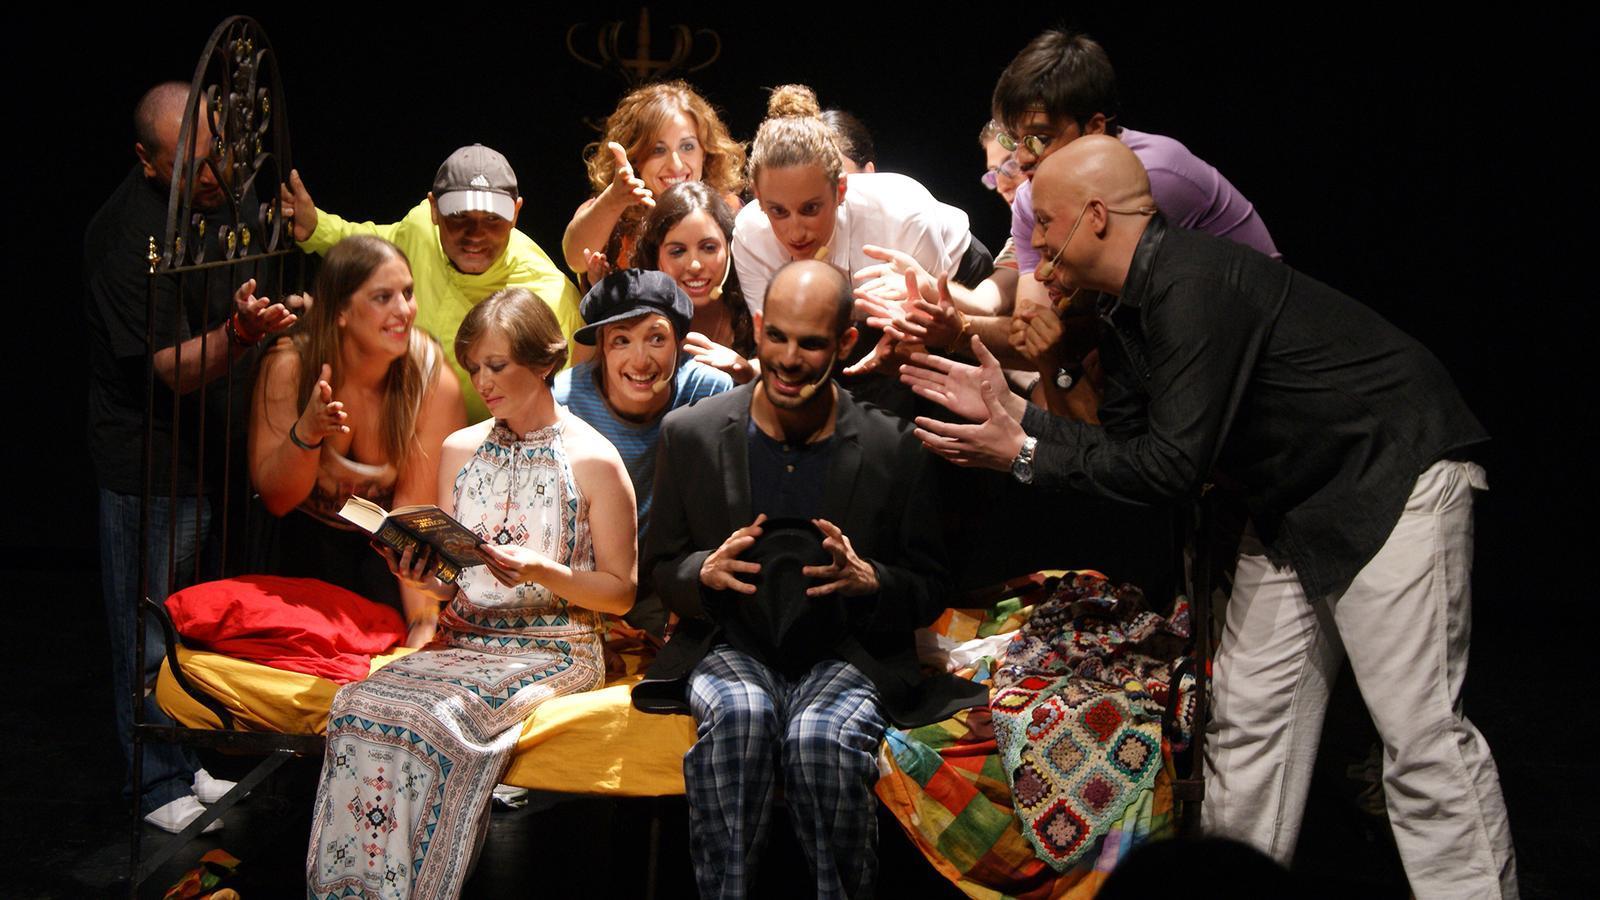 El g njol presenta el musical 39 la nit del giny 39 a ma anet for El tiempo en macanet de la selva